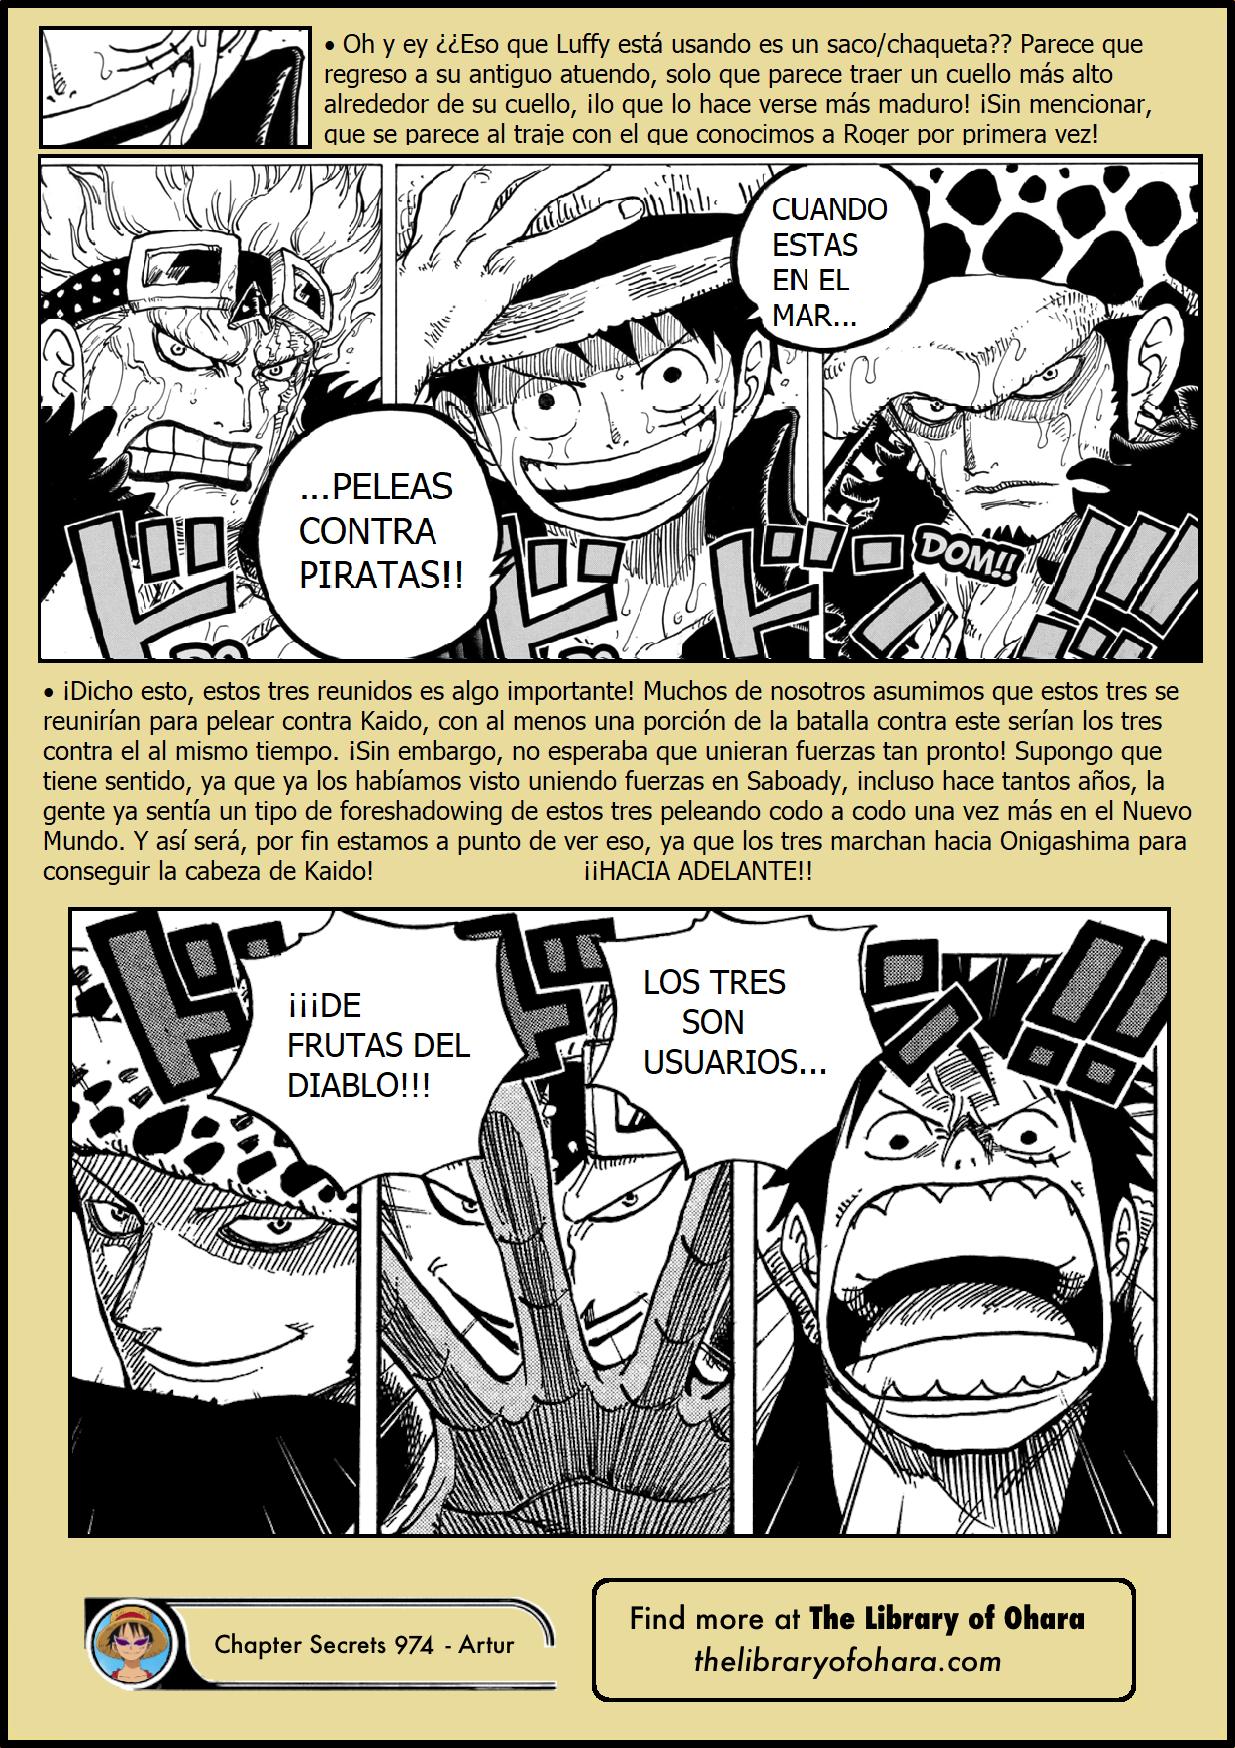 Secretos & Curiosidades - One Piece Manga 974 07